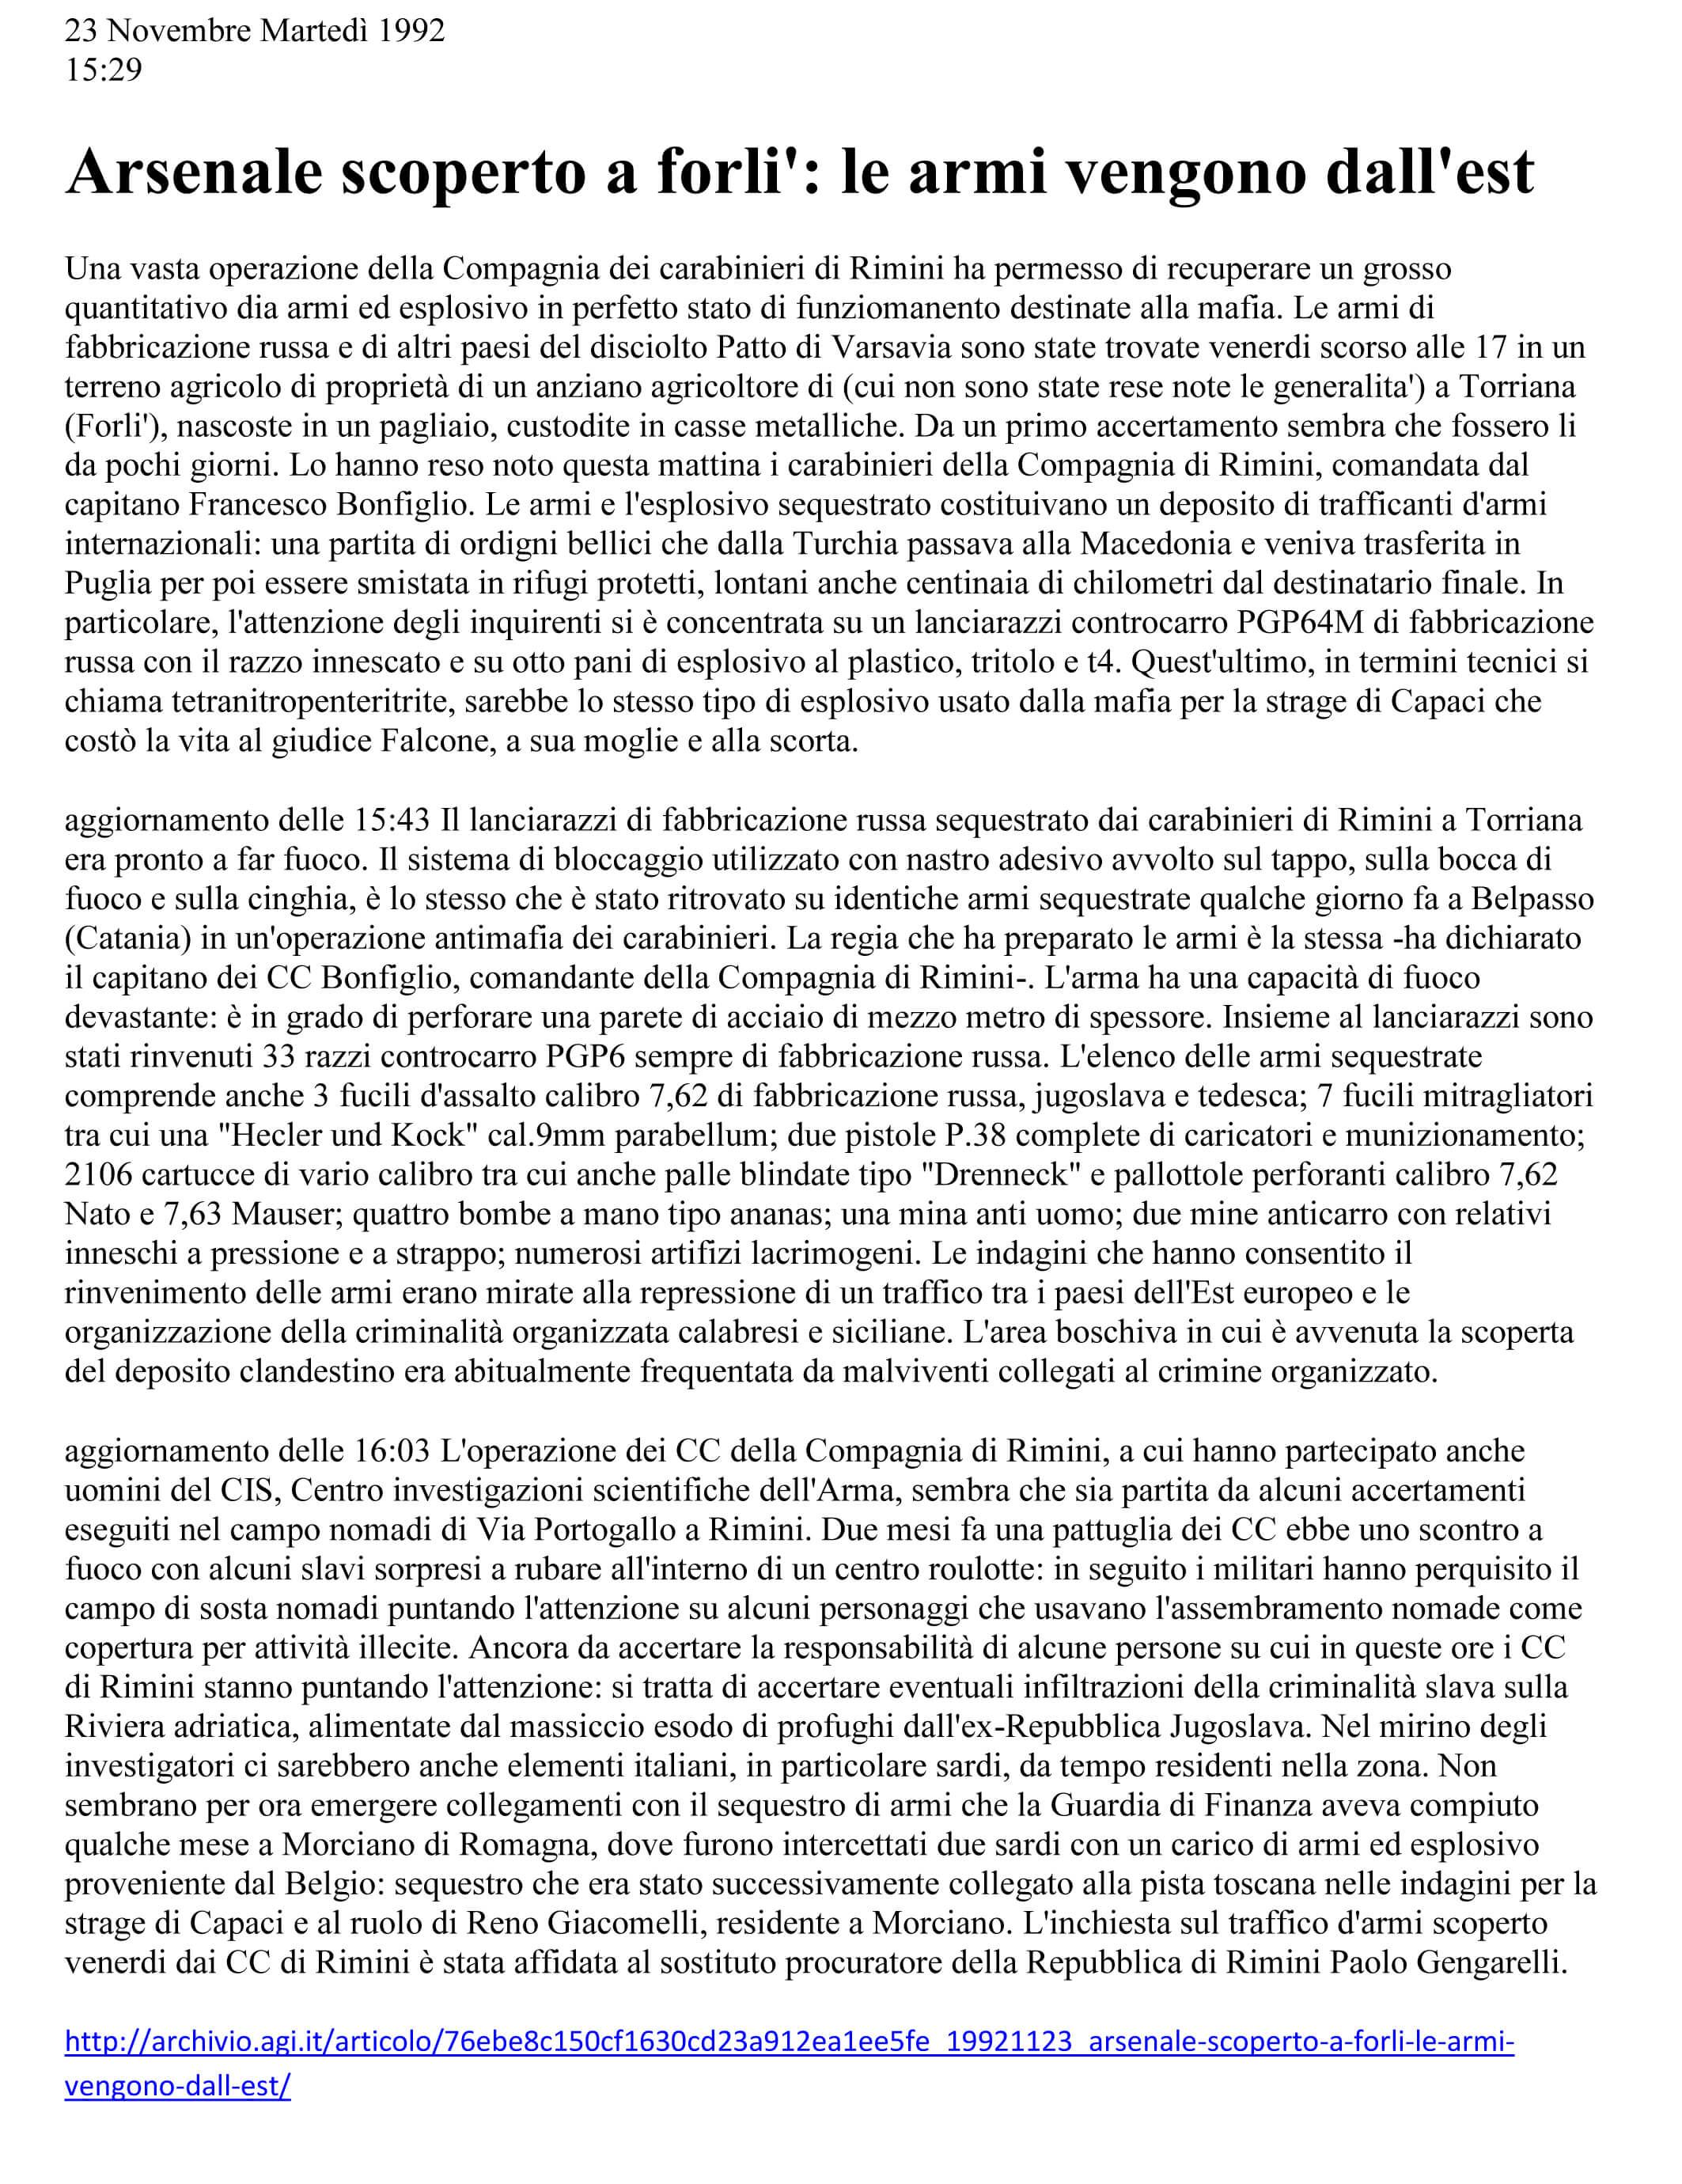 23_11_1992_torriana